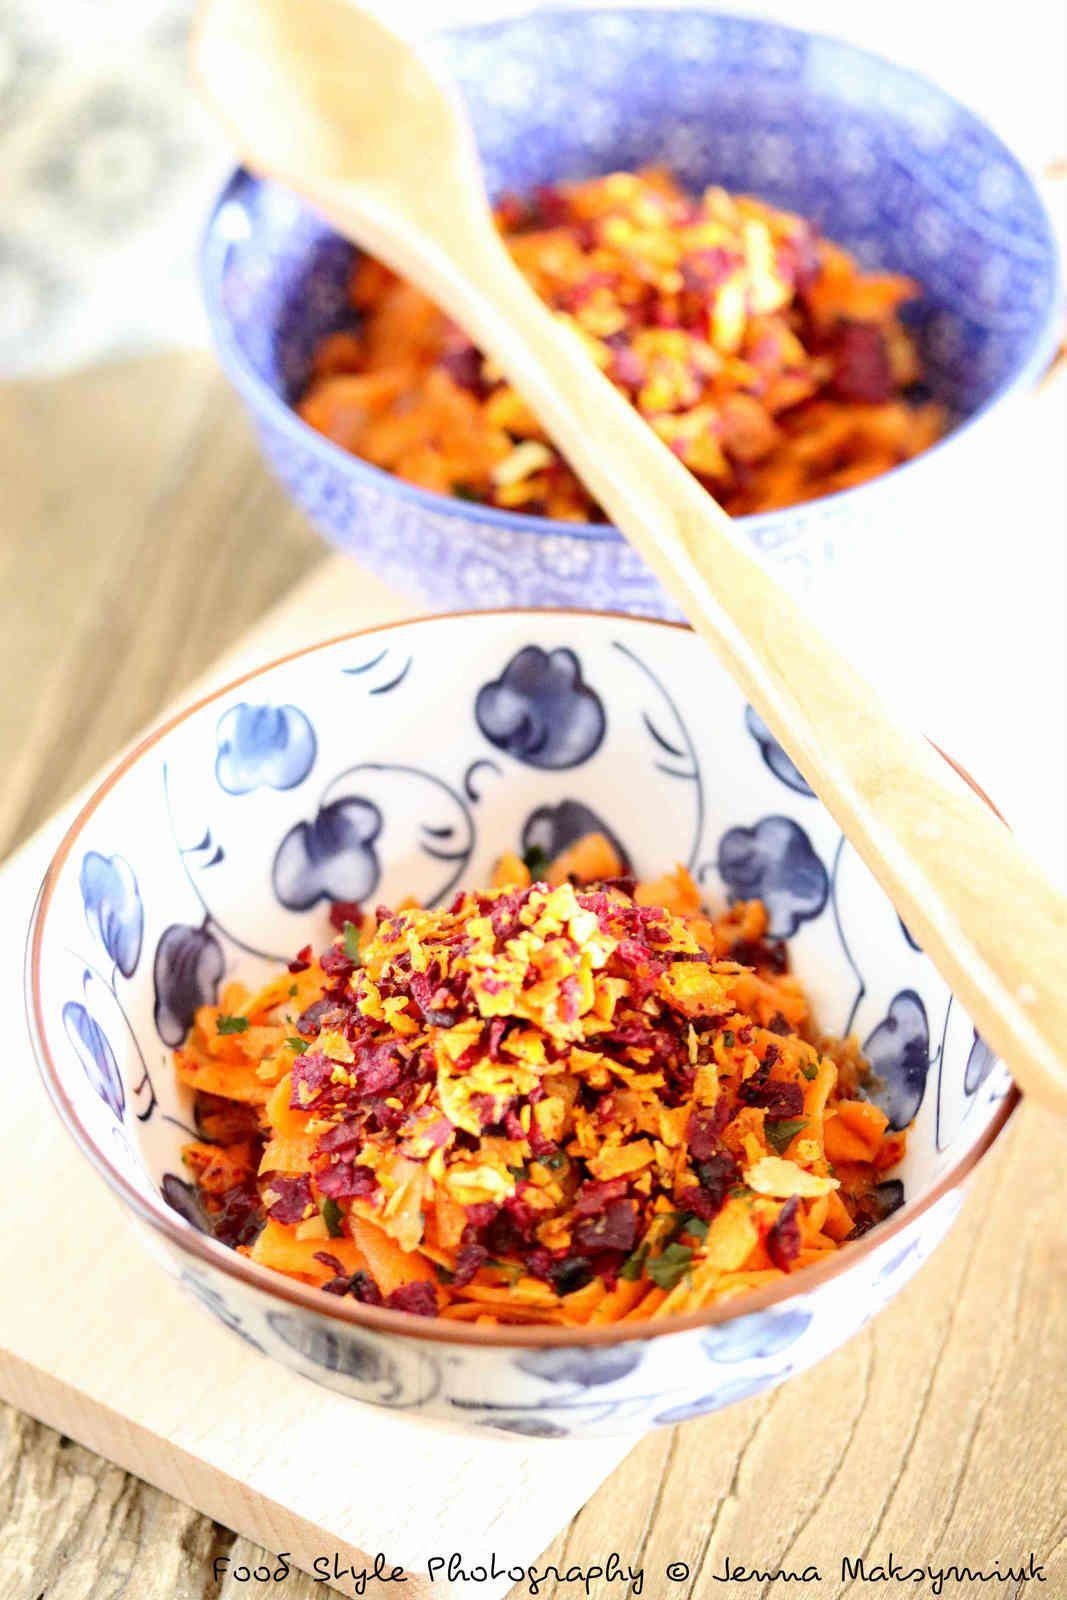 Carottes sauce thaï, crumble de chips de légumes